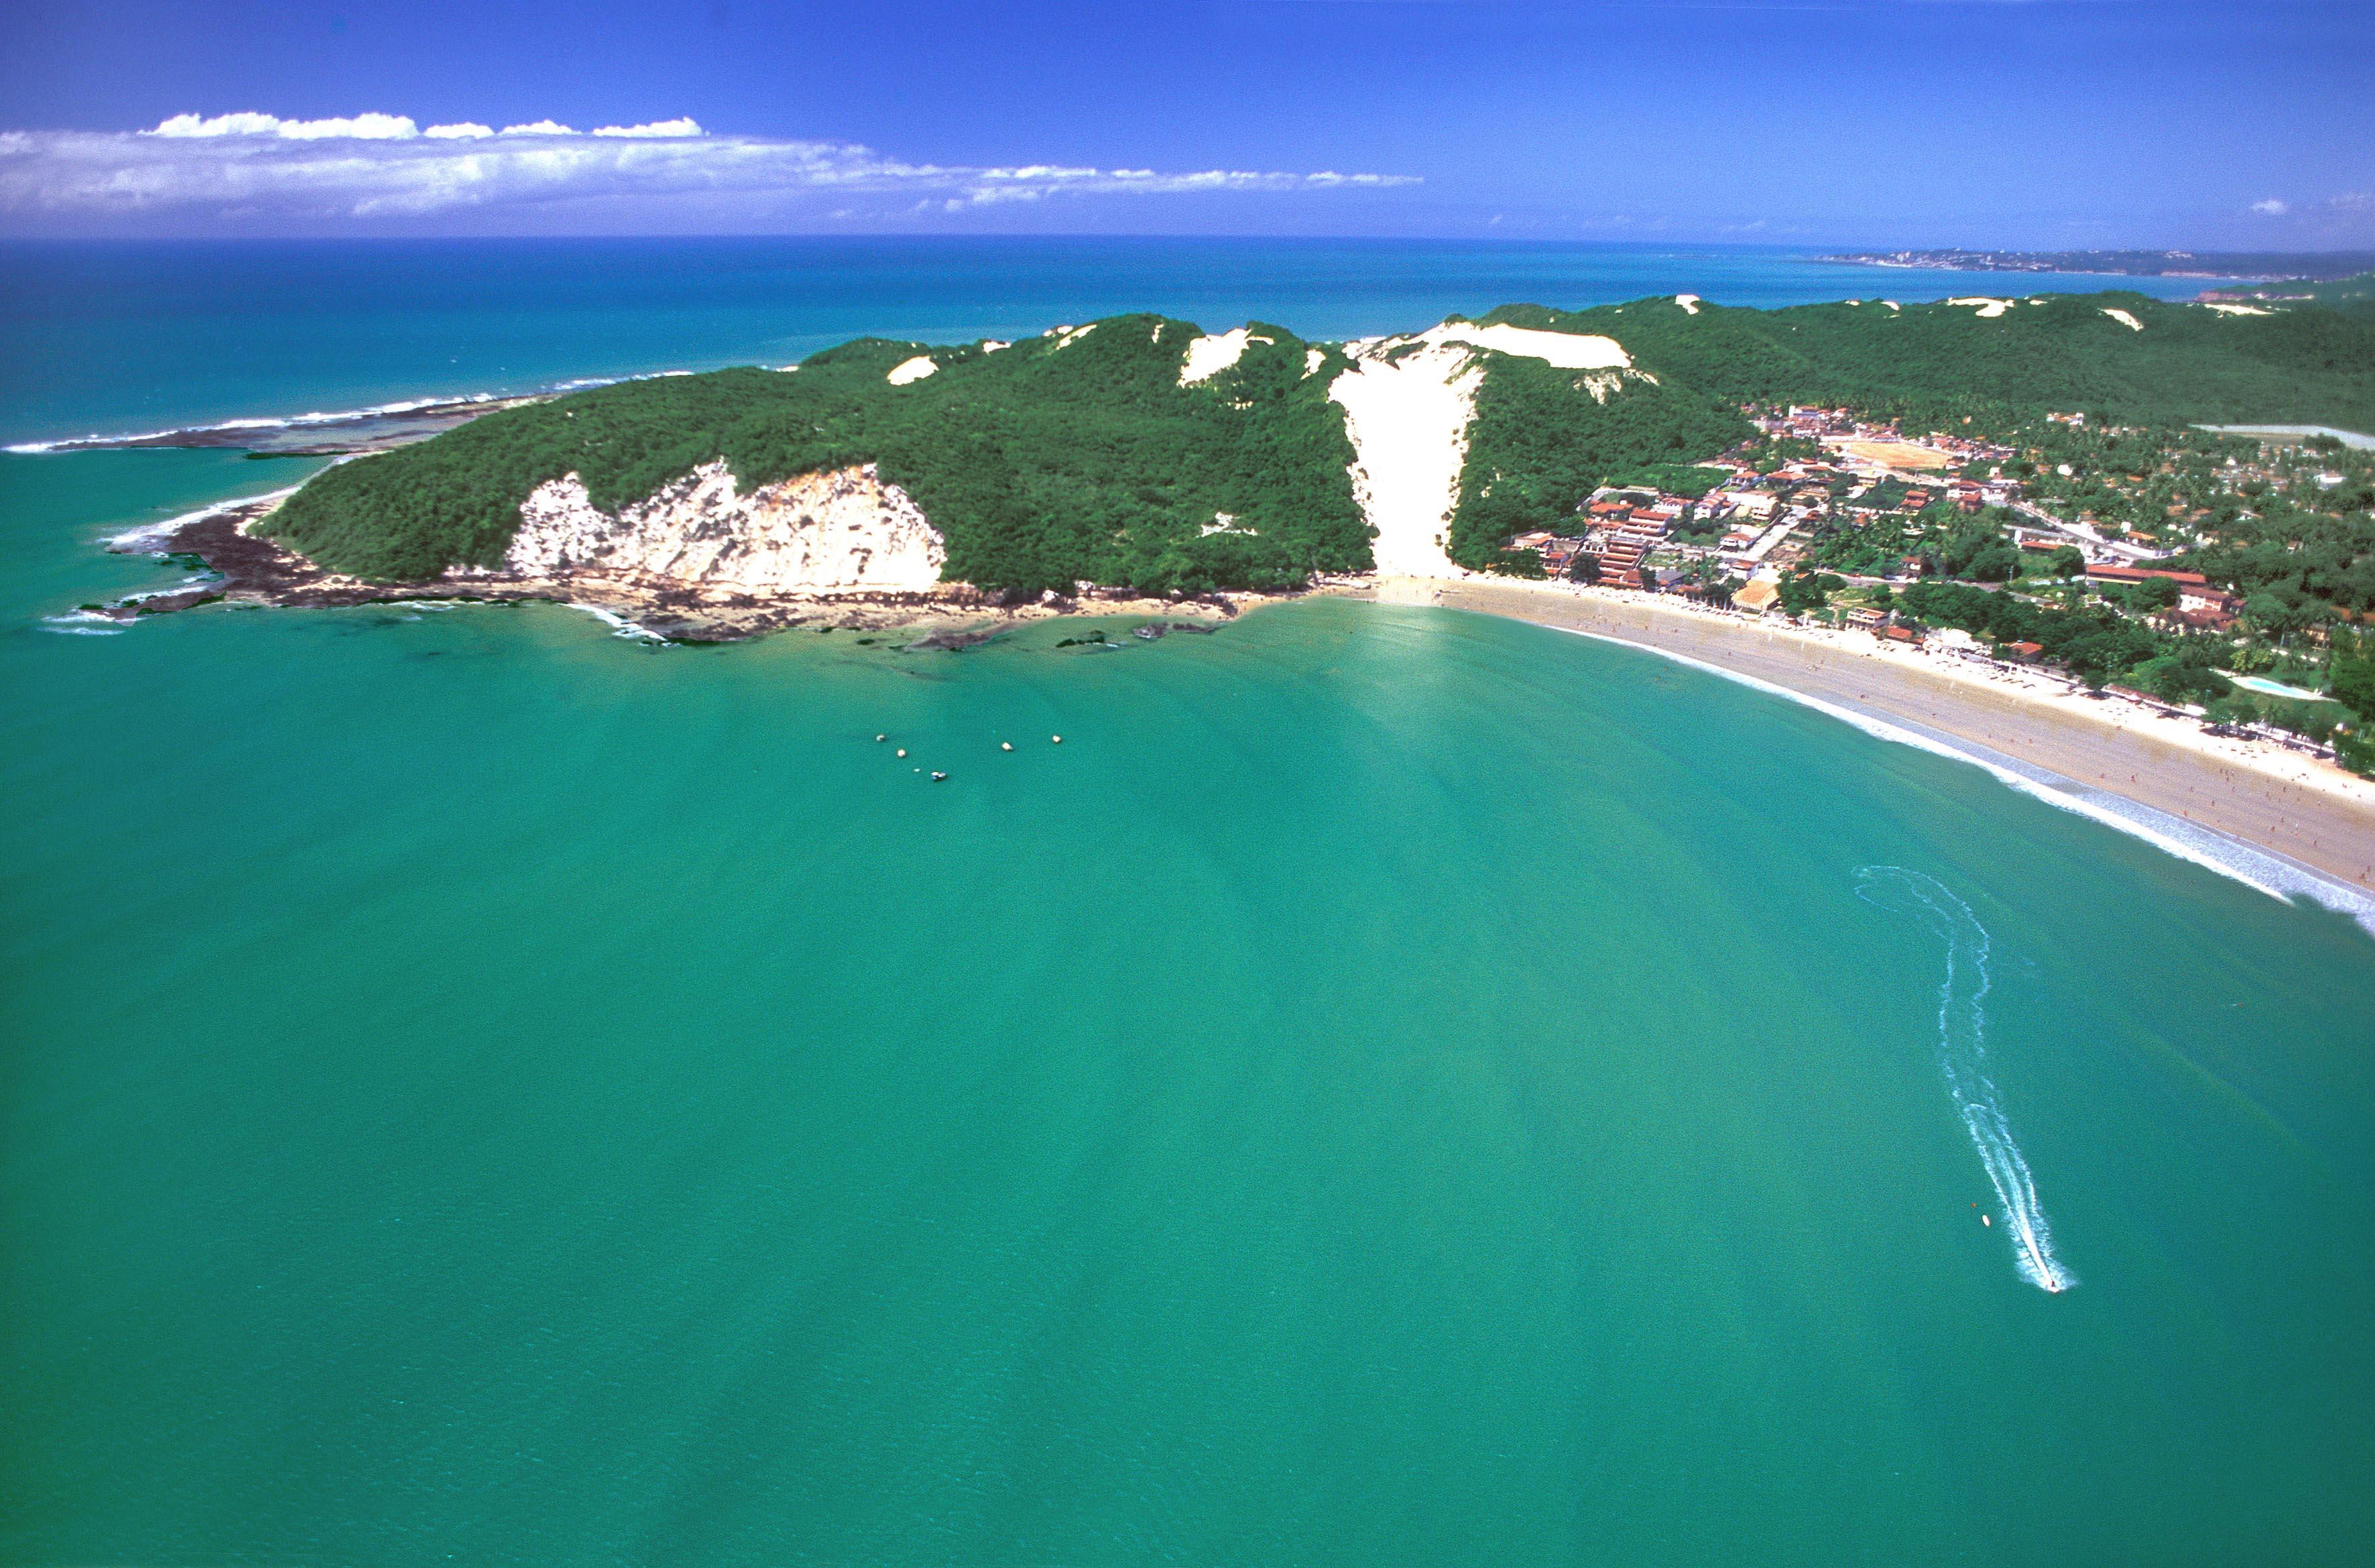 Lugares para visitar no dia dos pais com mar azul (Foto: Divulgação)